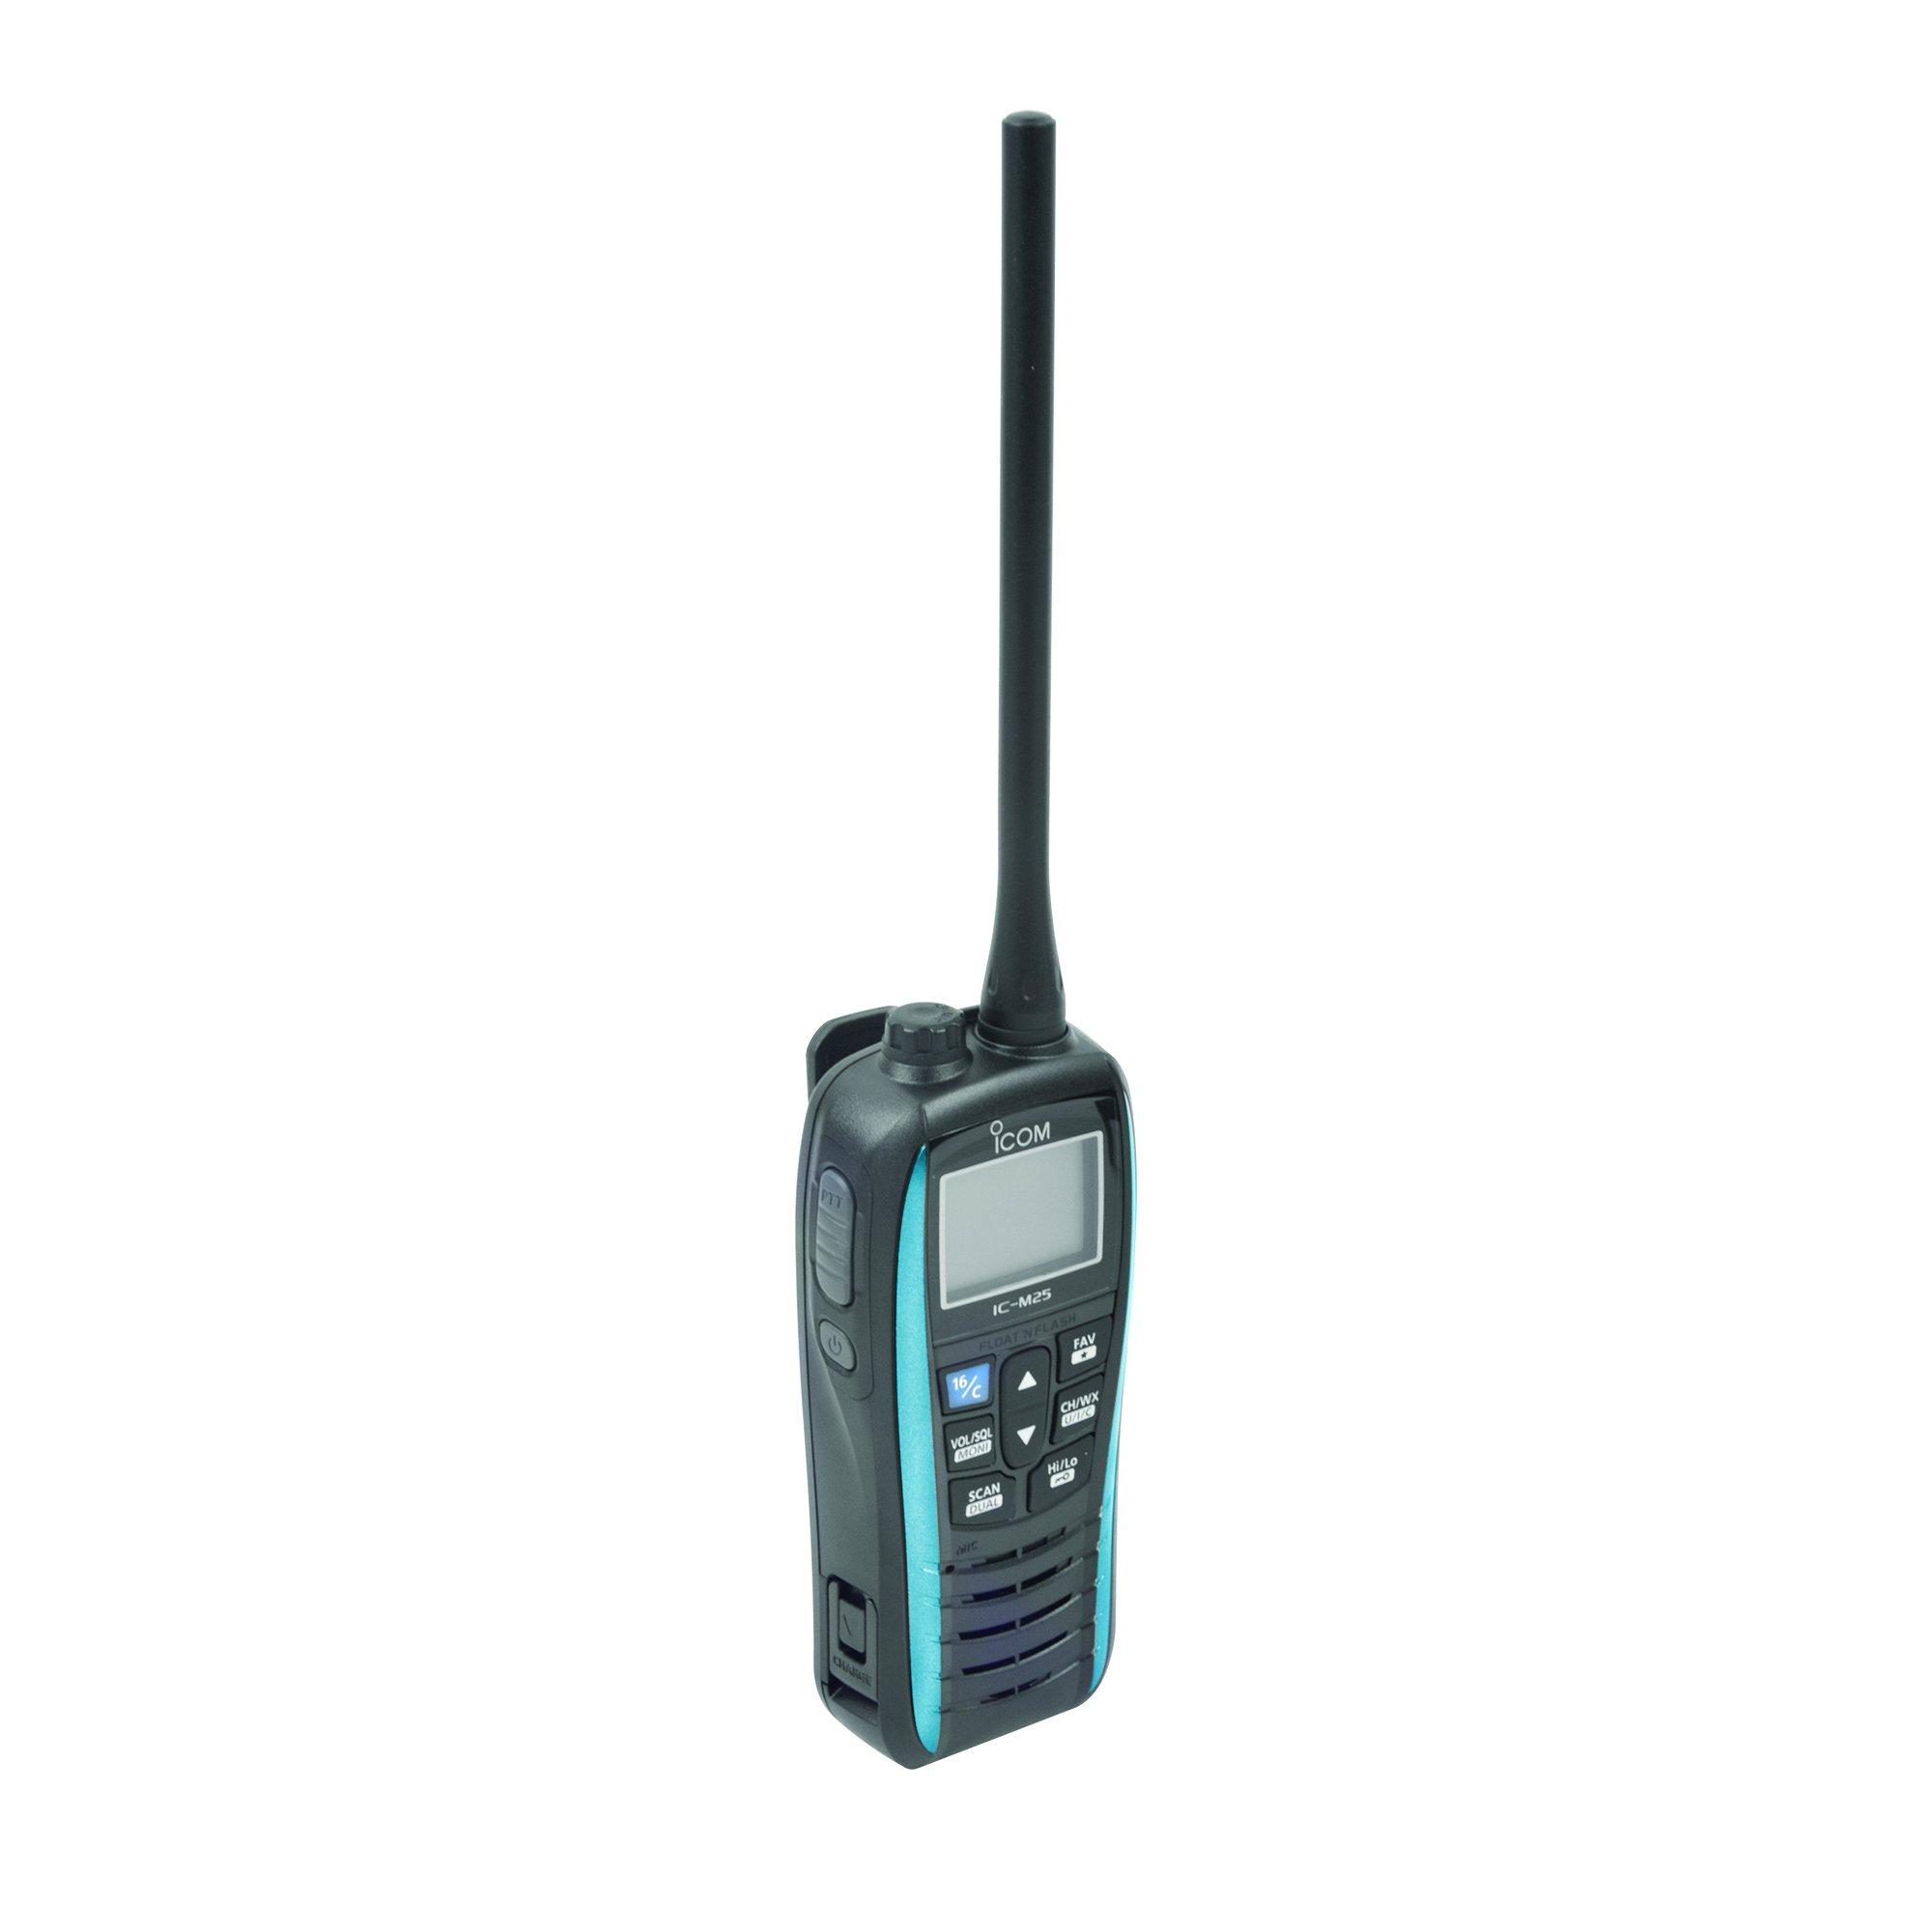 Icom M25 21 Handheld Radio